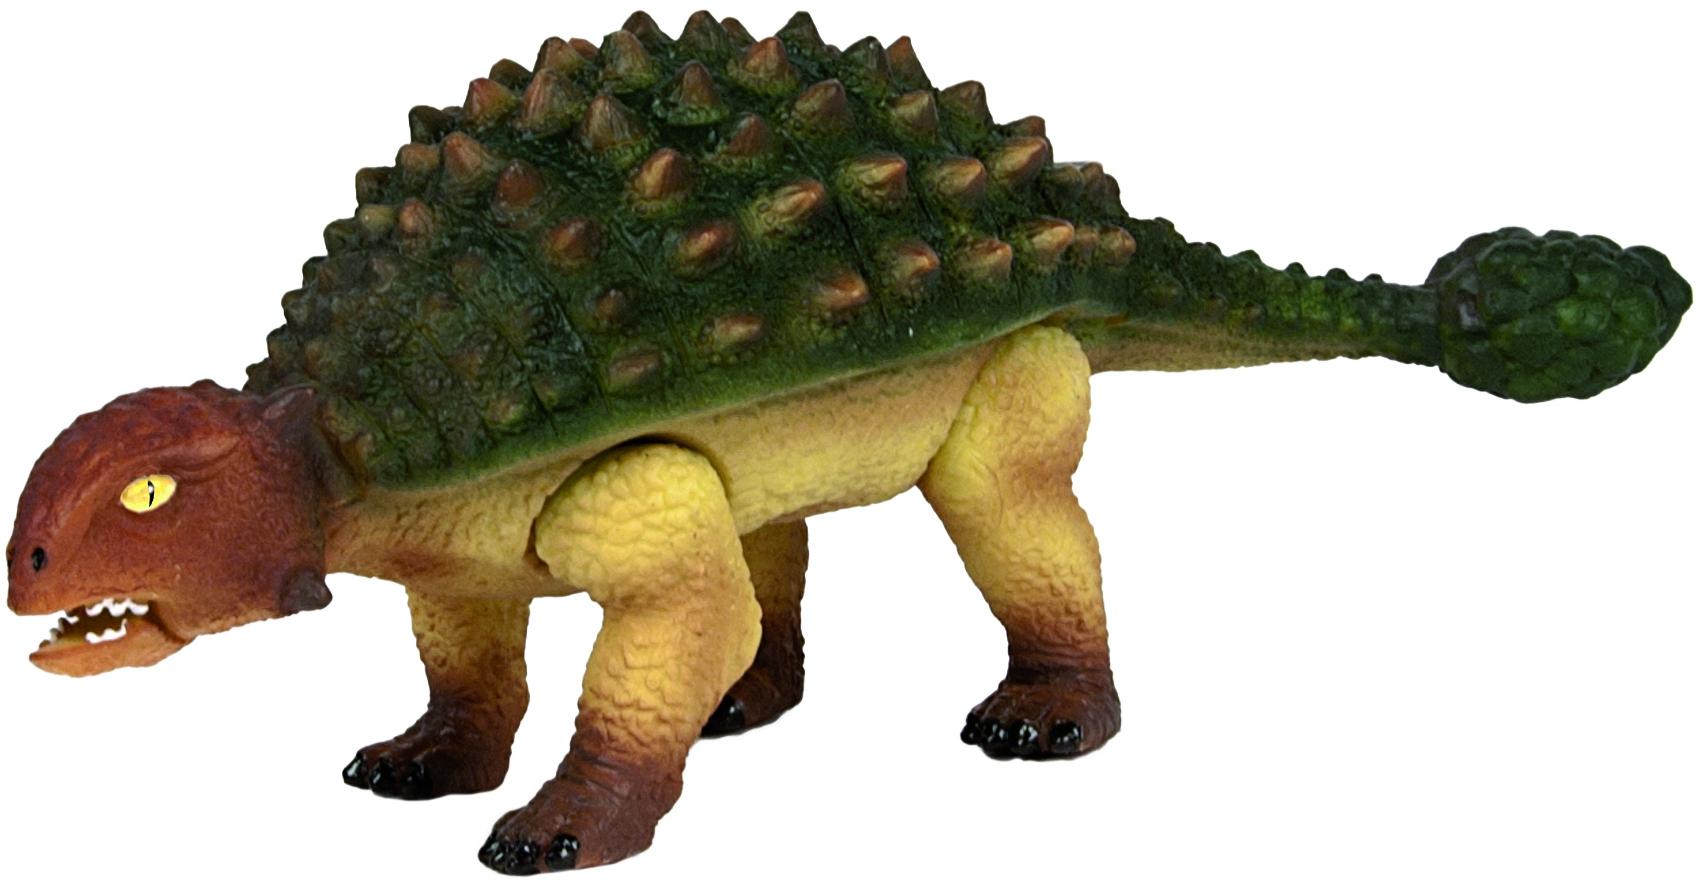 Фигурки животных Geoworld Анкилозавр good dinosaur 62006 хороший динозавр маленькая подвижная фигурка юный анкилозавр